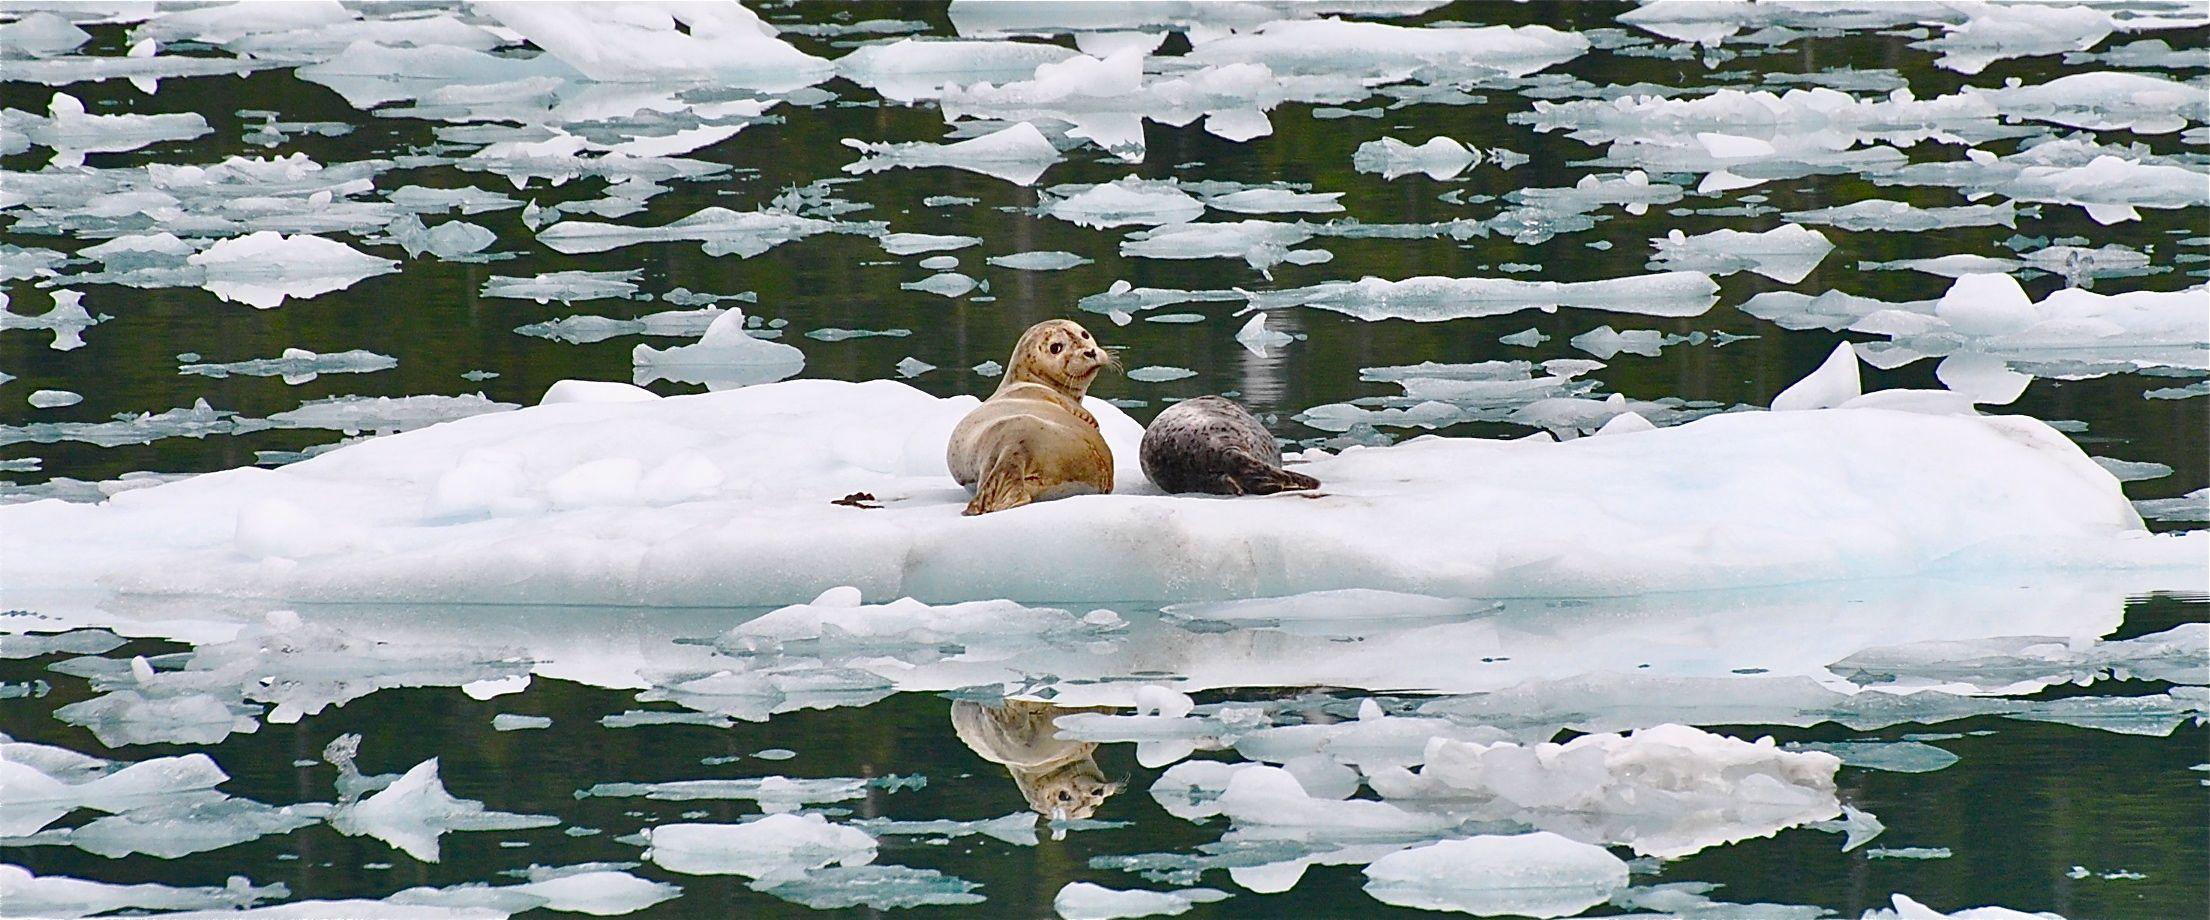 Alaska Marine Wildlife